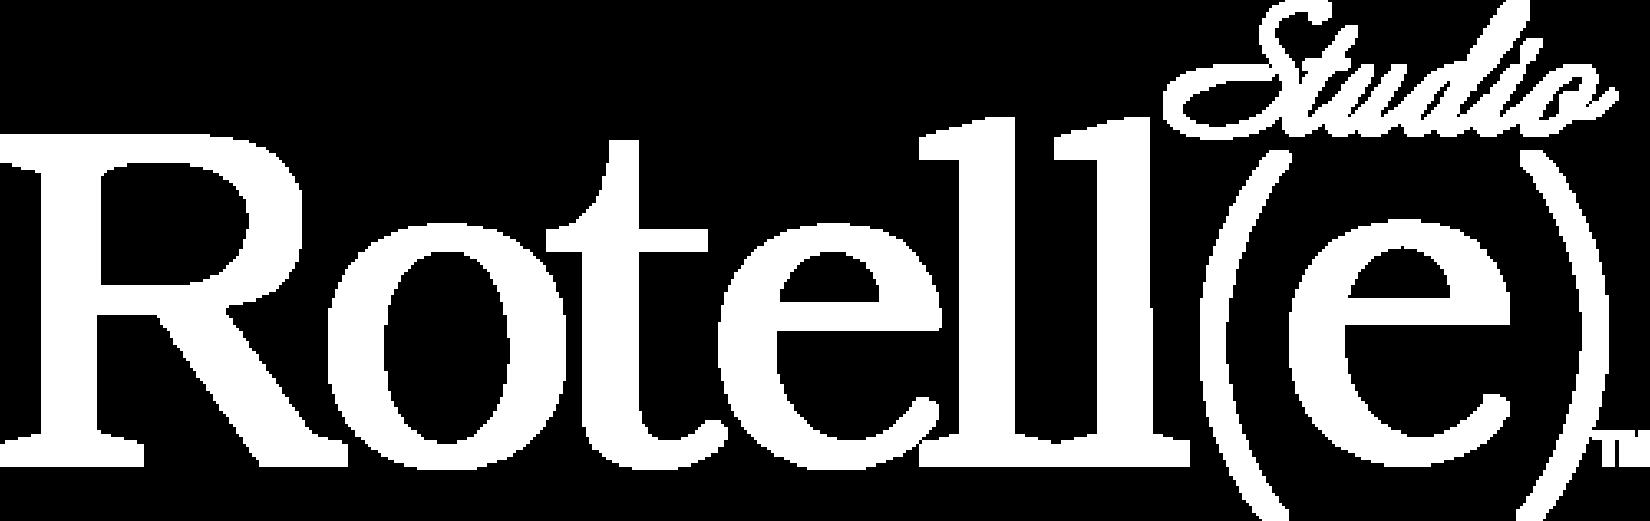 Rotell(e) Studio(e)